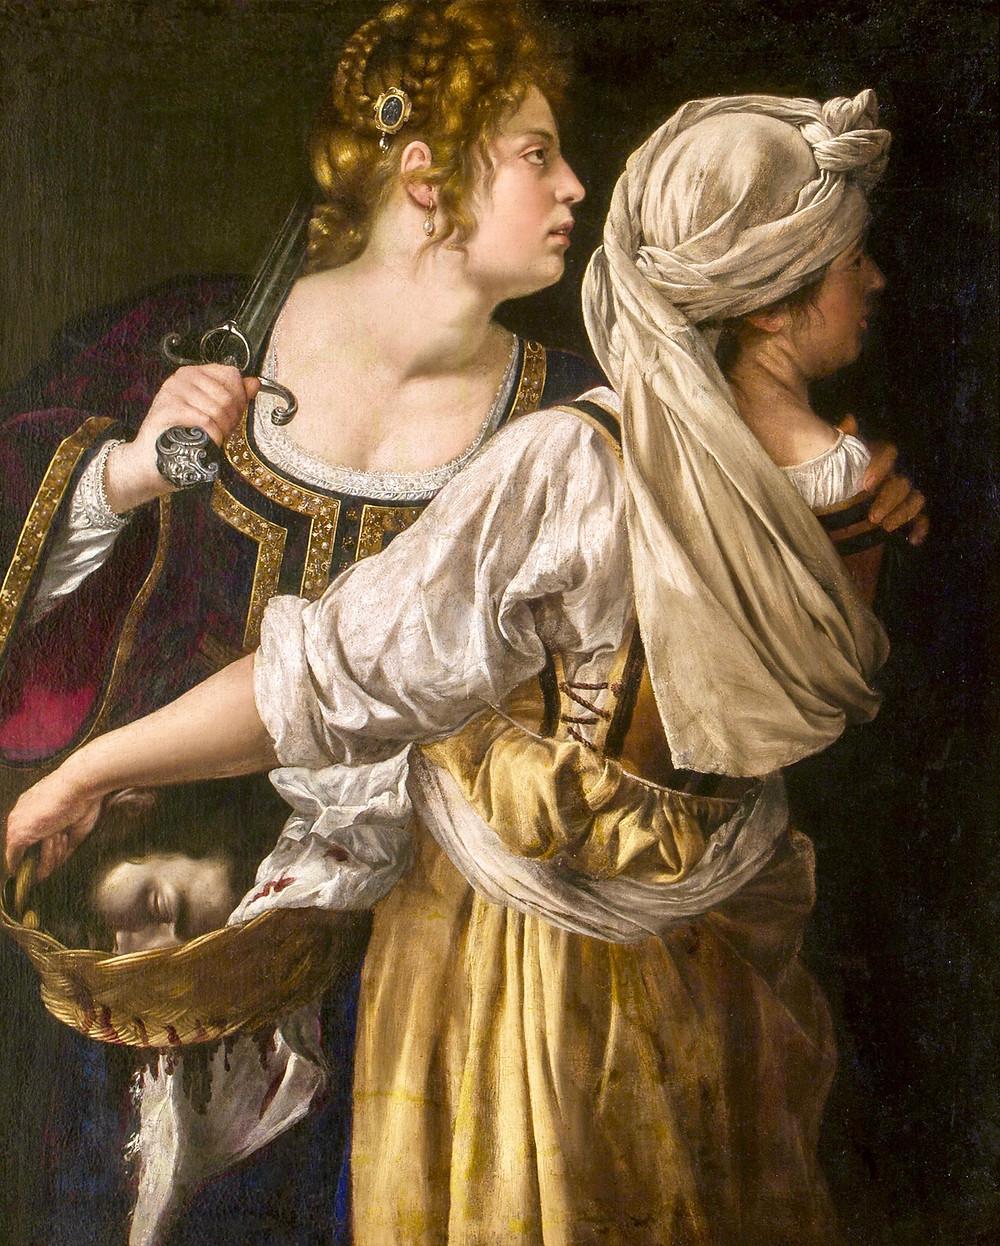 Artemisia Gentilechi, Judith With her Handmaiden, 1615